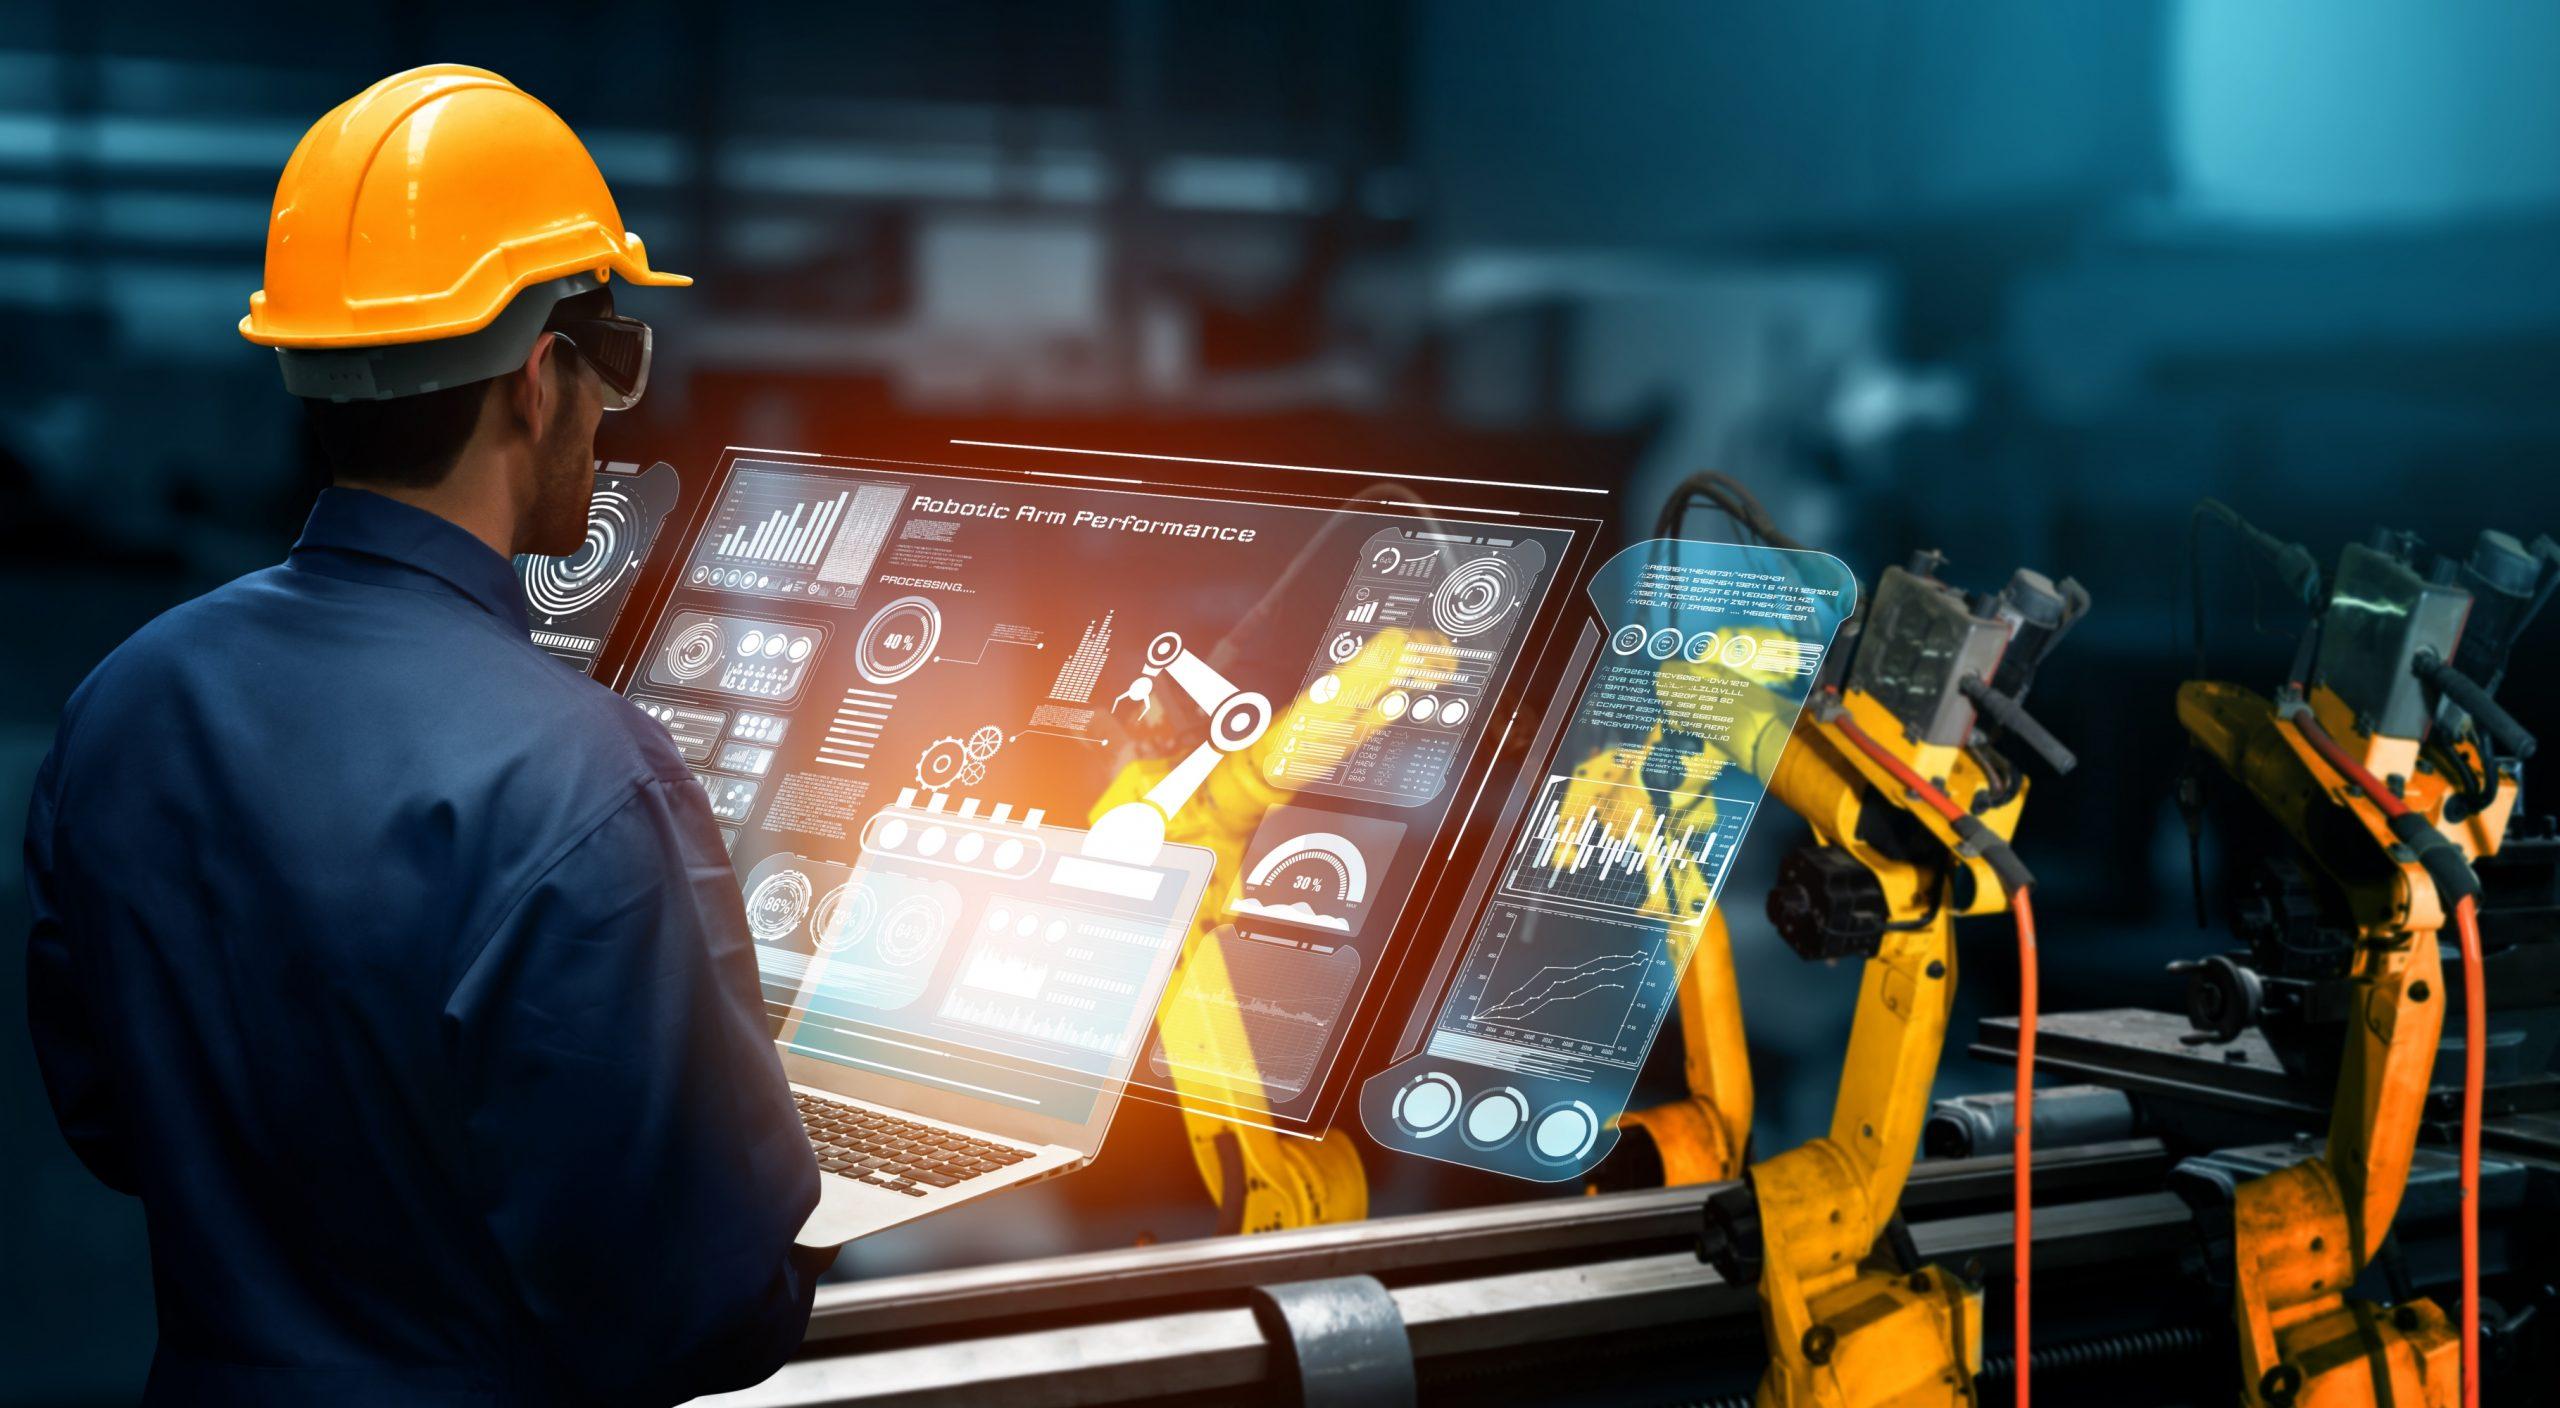 industria-modernizar-processo-produtivo